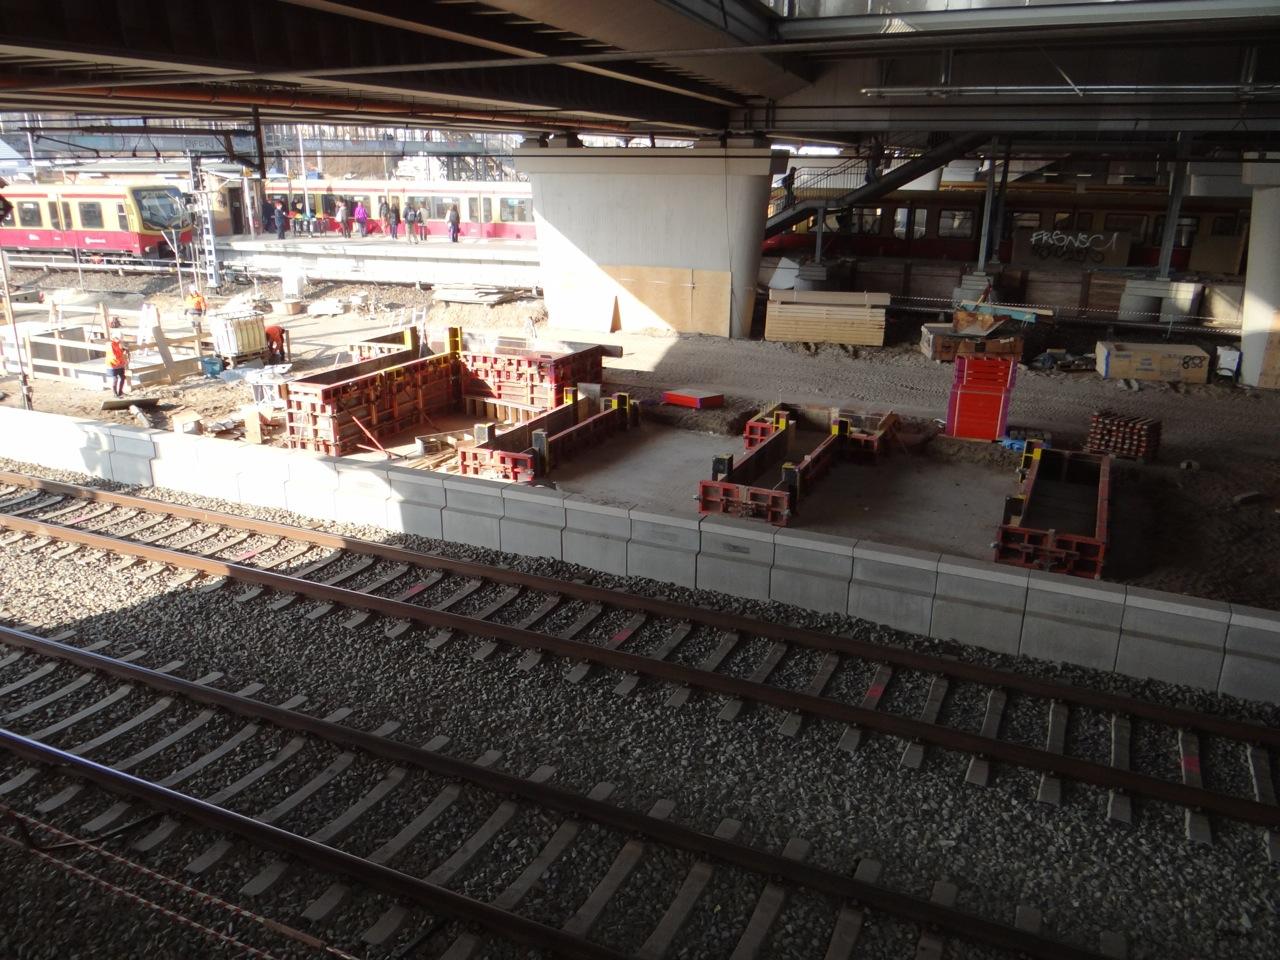 Fundamente Treppenaufgang Bahnsteig Ru